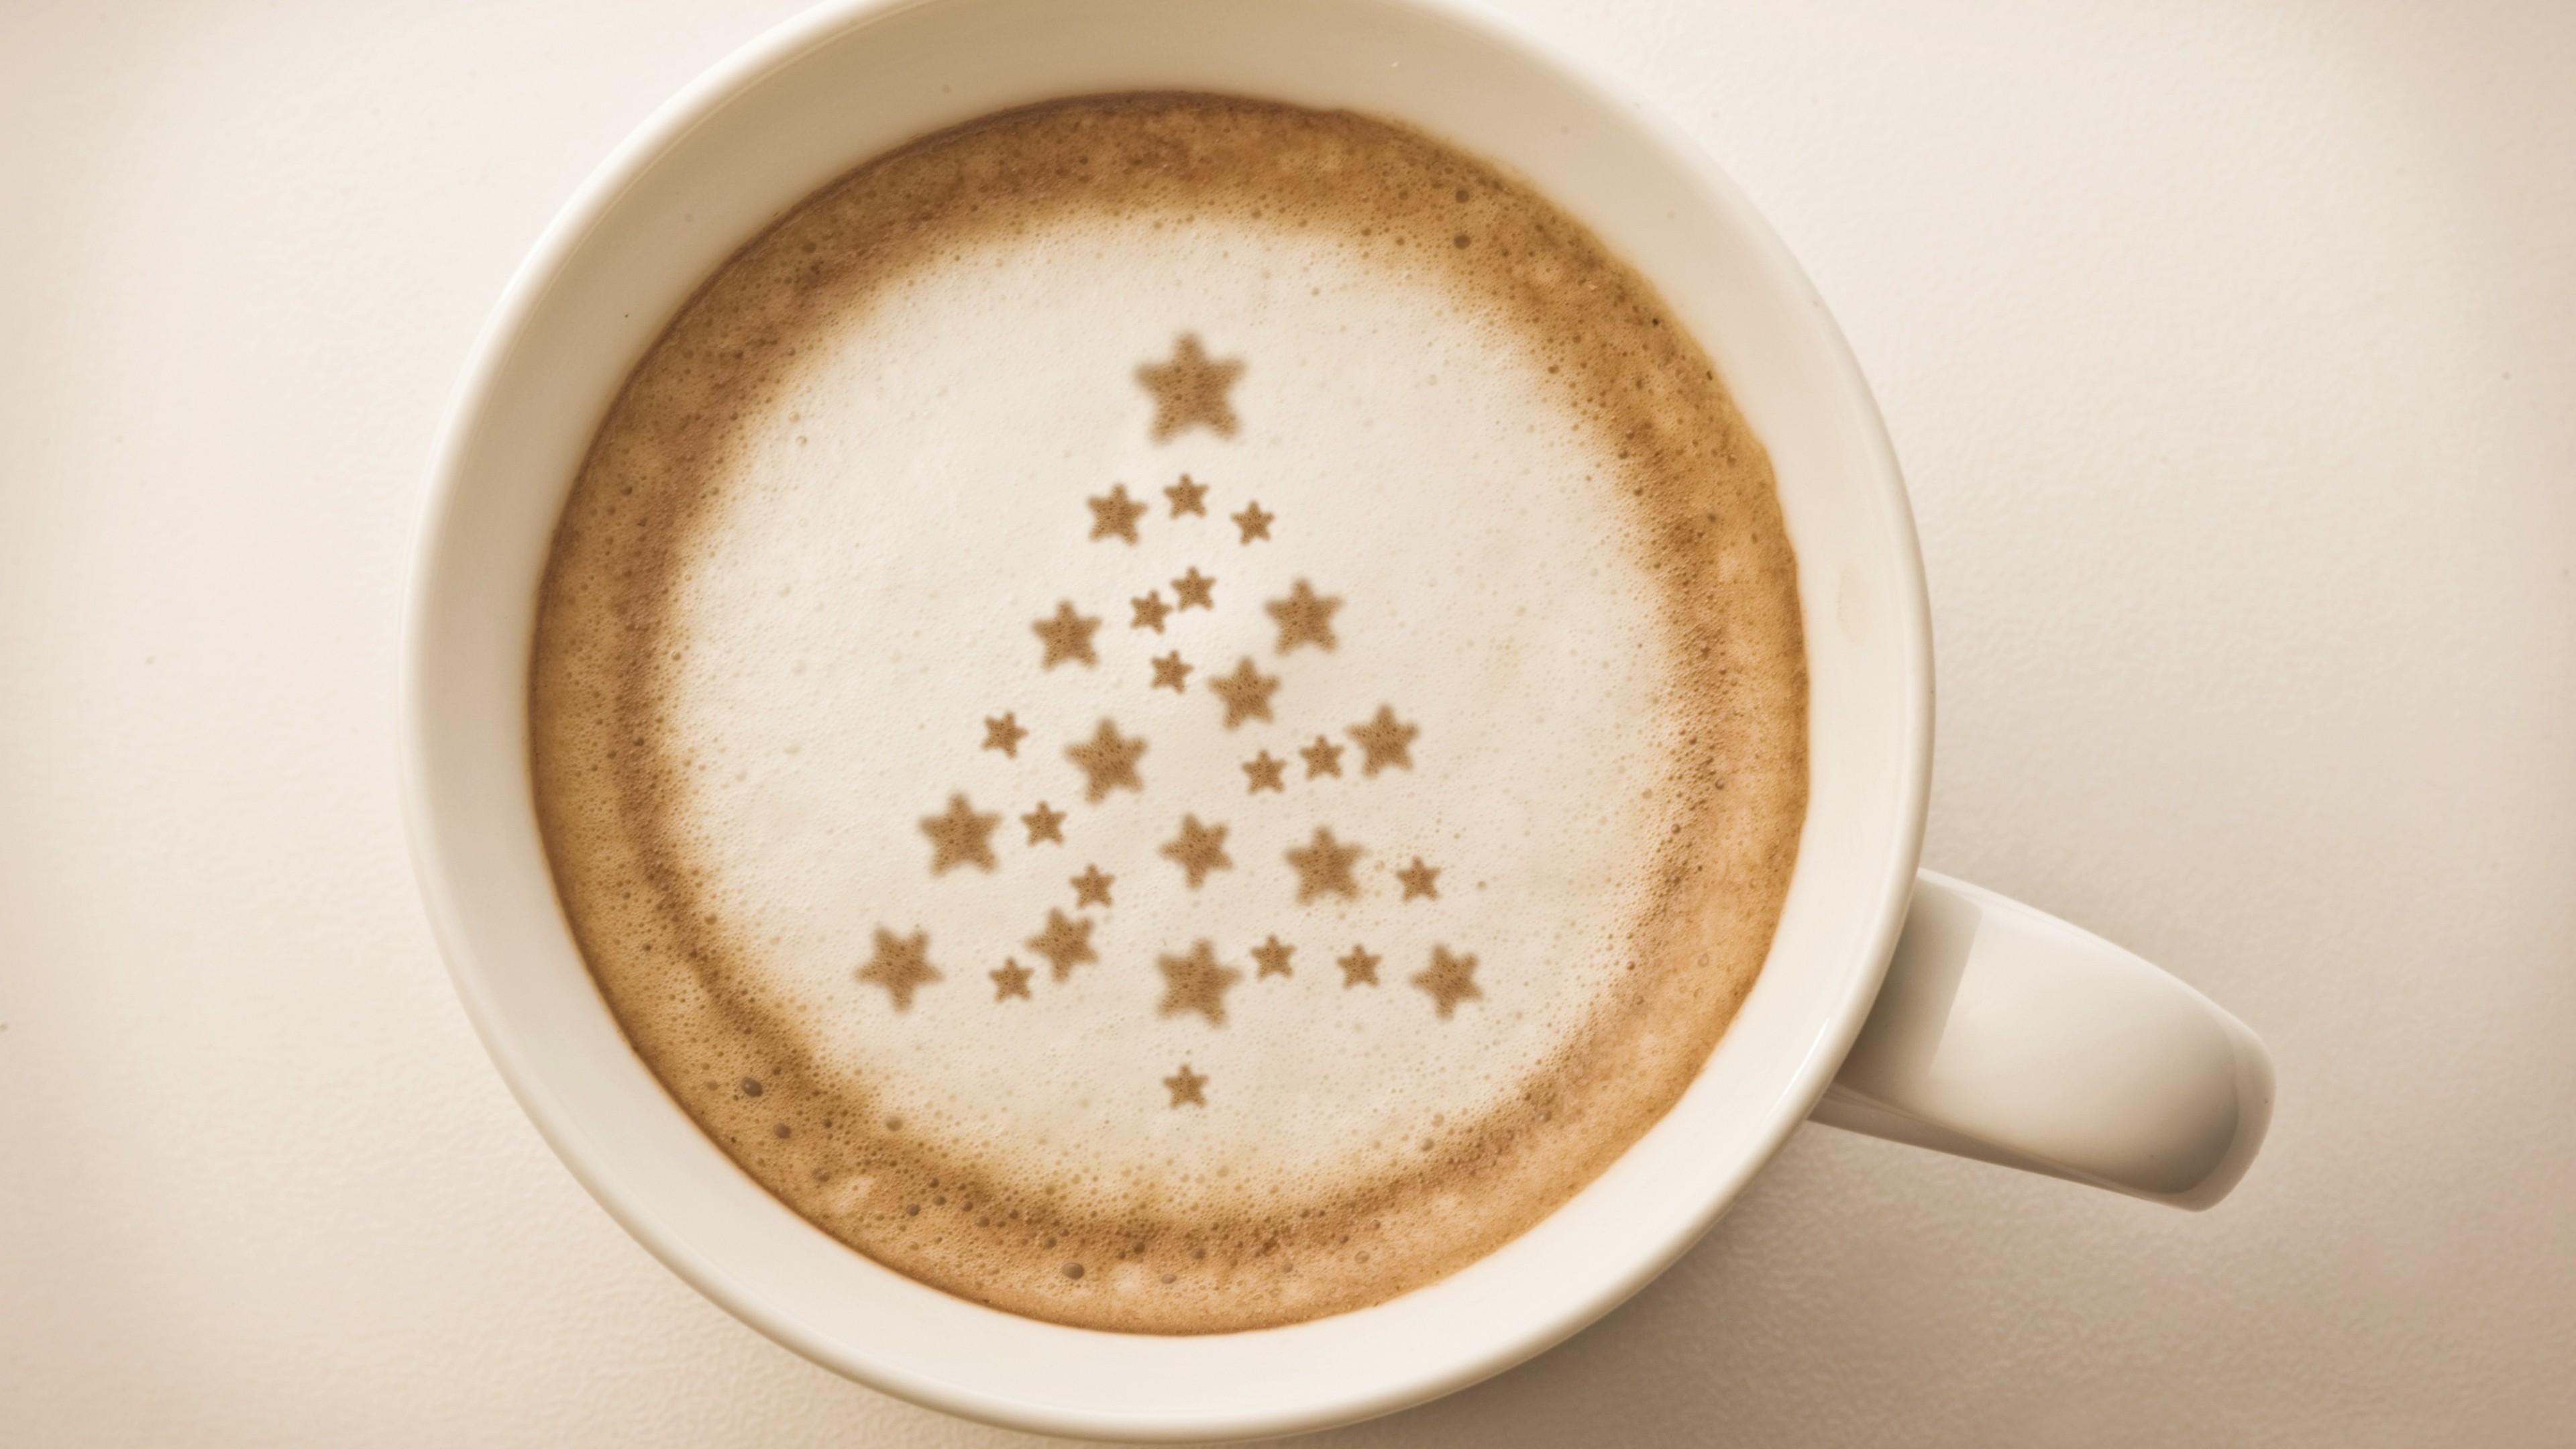 Утренний кофе в чашке с пенкой  звездочки - елка